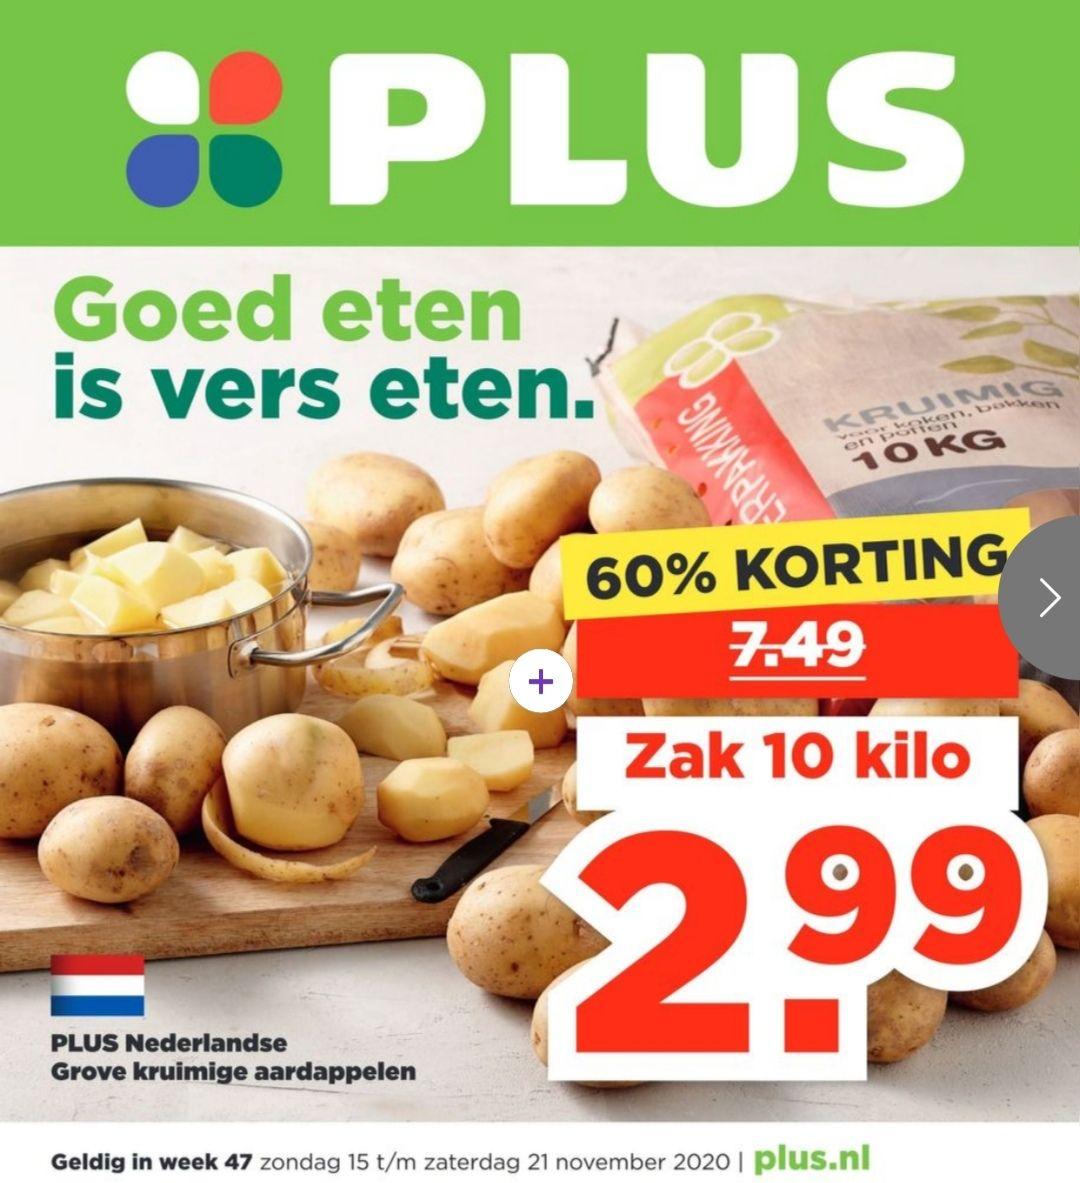 10 kilo aardappelen bij Plus voor €2,99